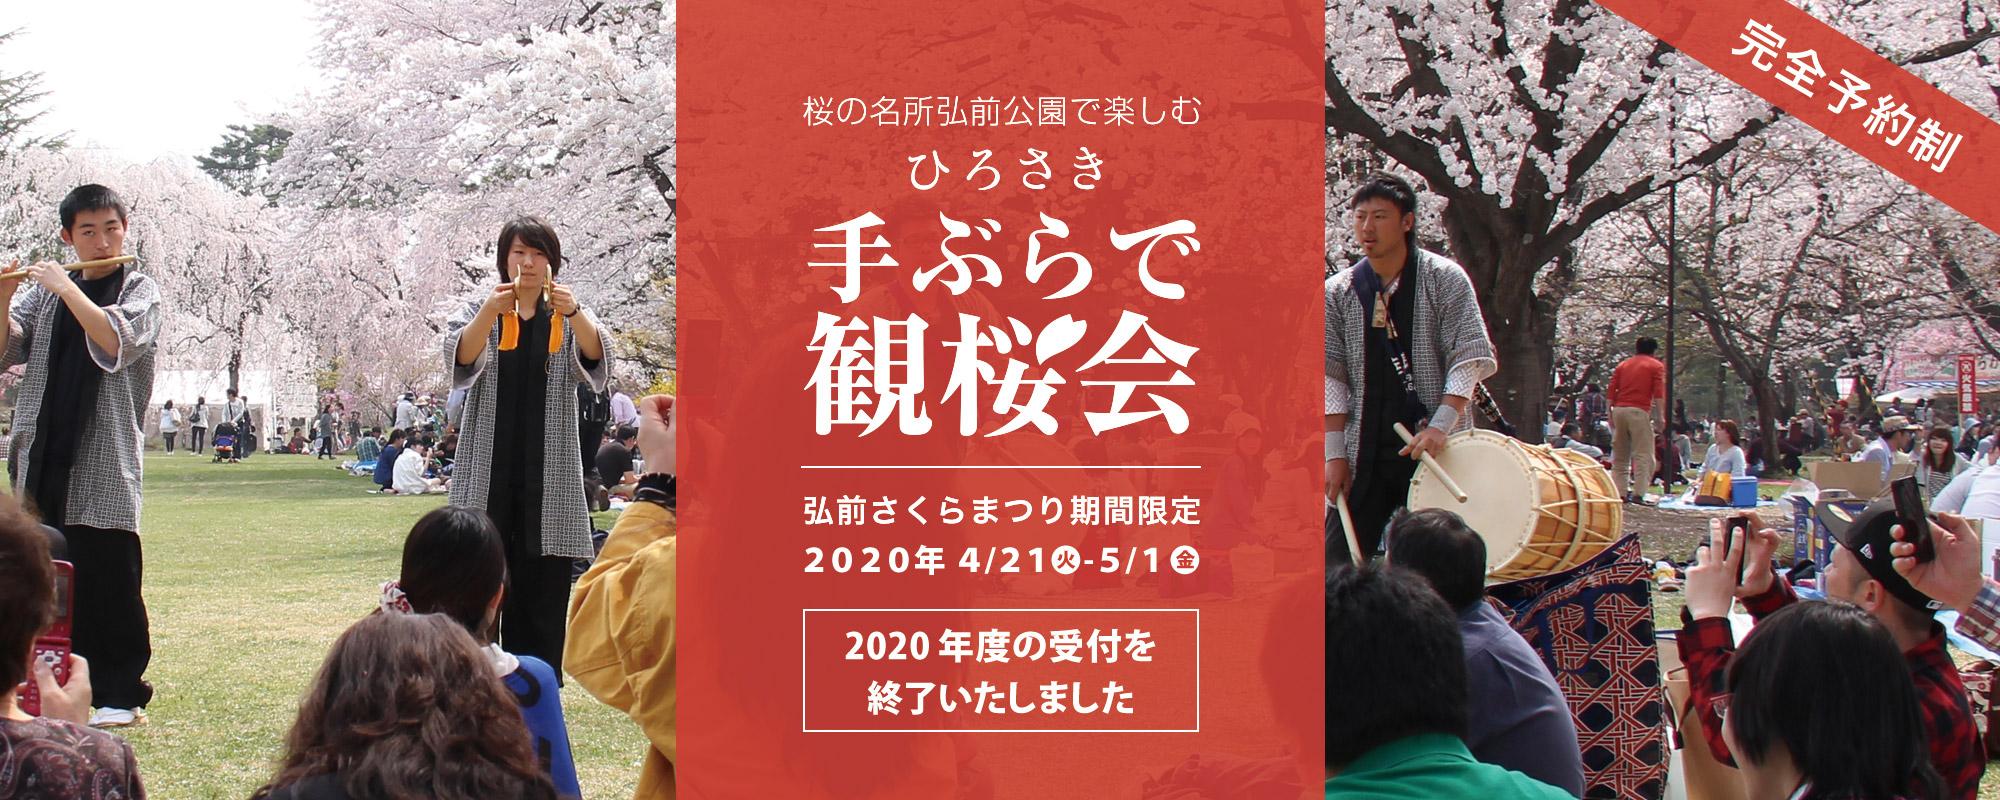 手ぶらで観桜会 ねぷた囃子の演奏